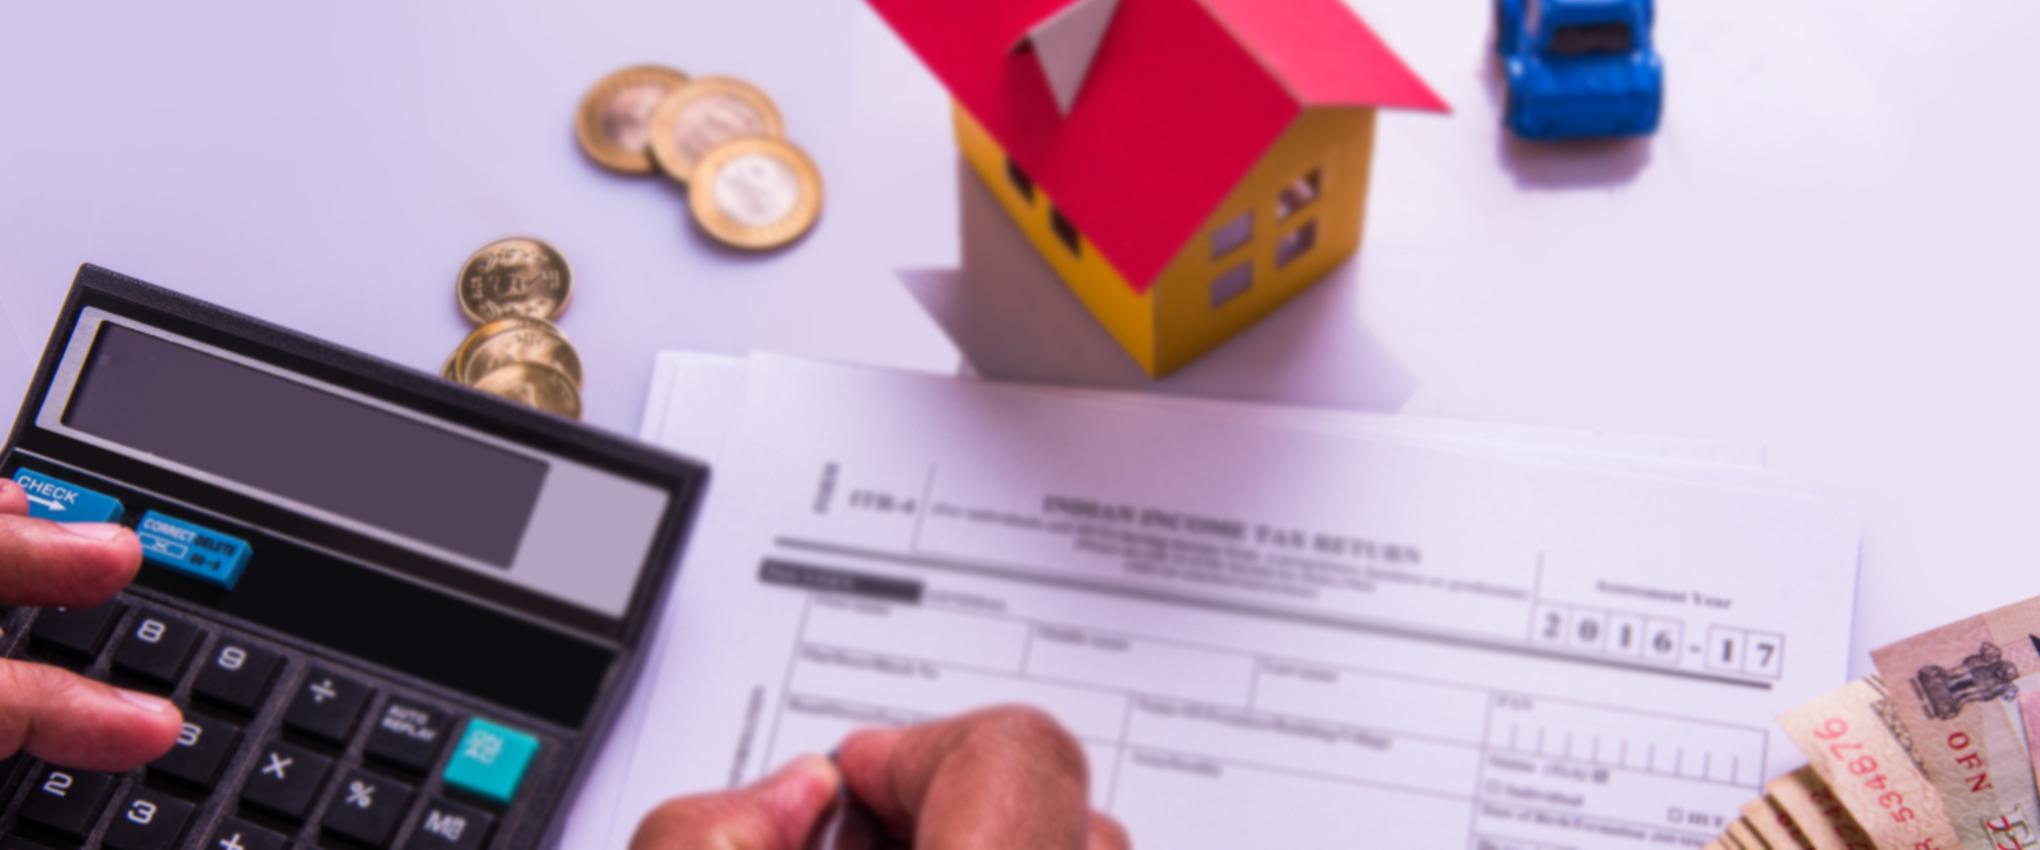 Como declarar consórcio não contemplado no imposto de renda